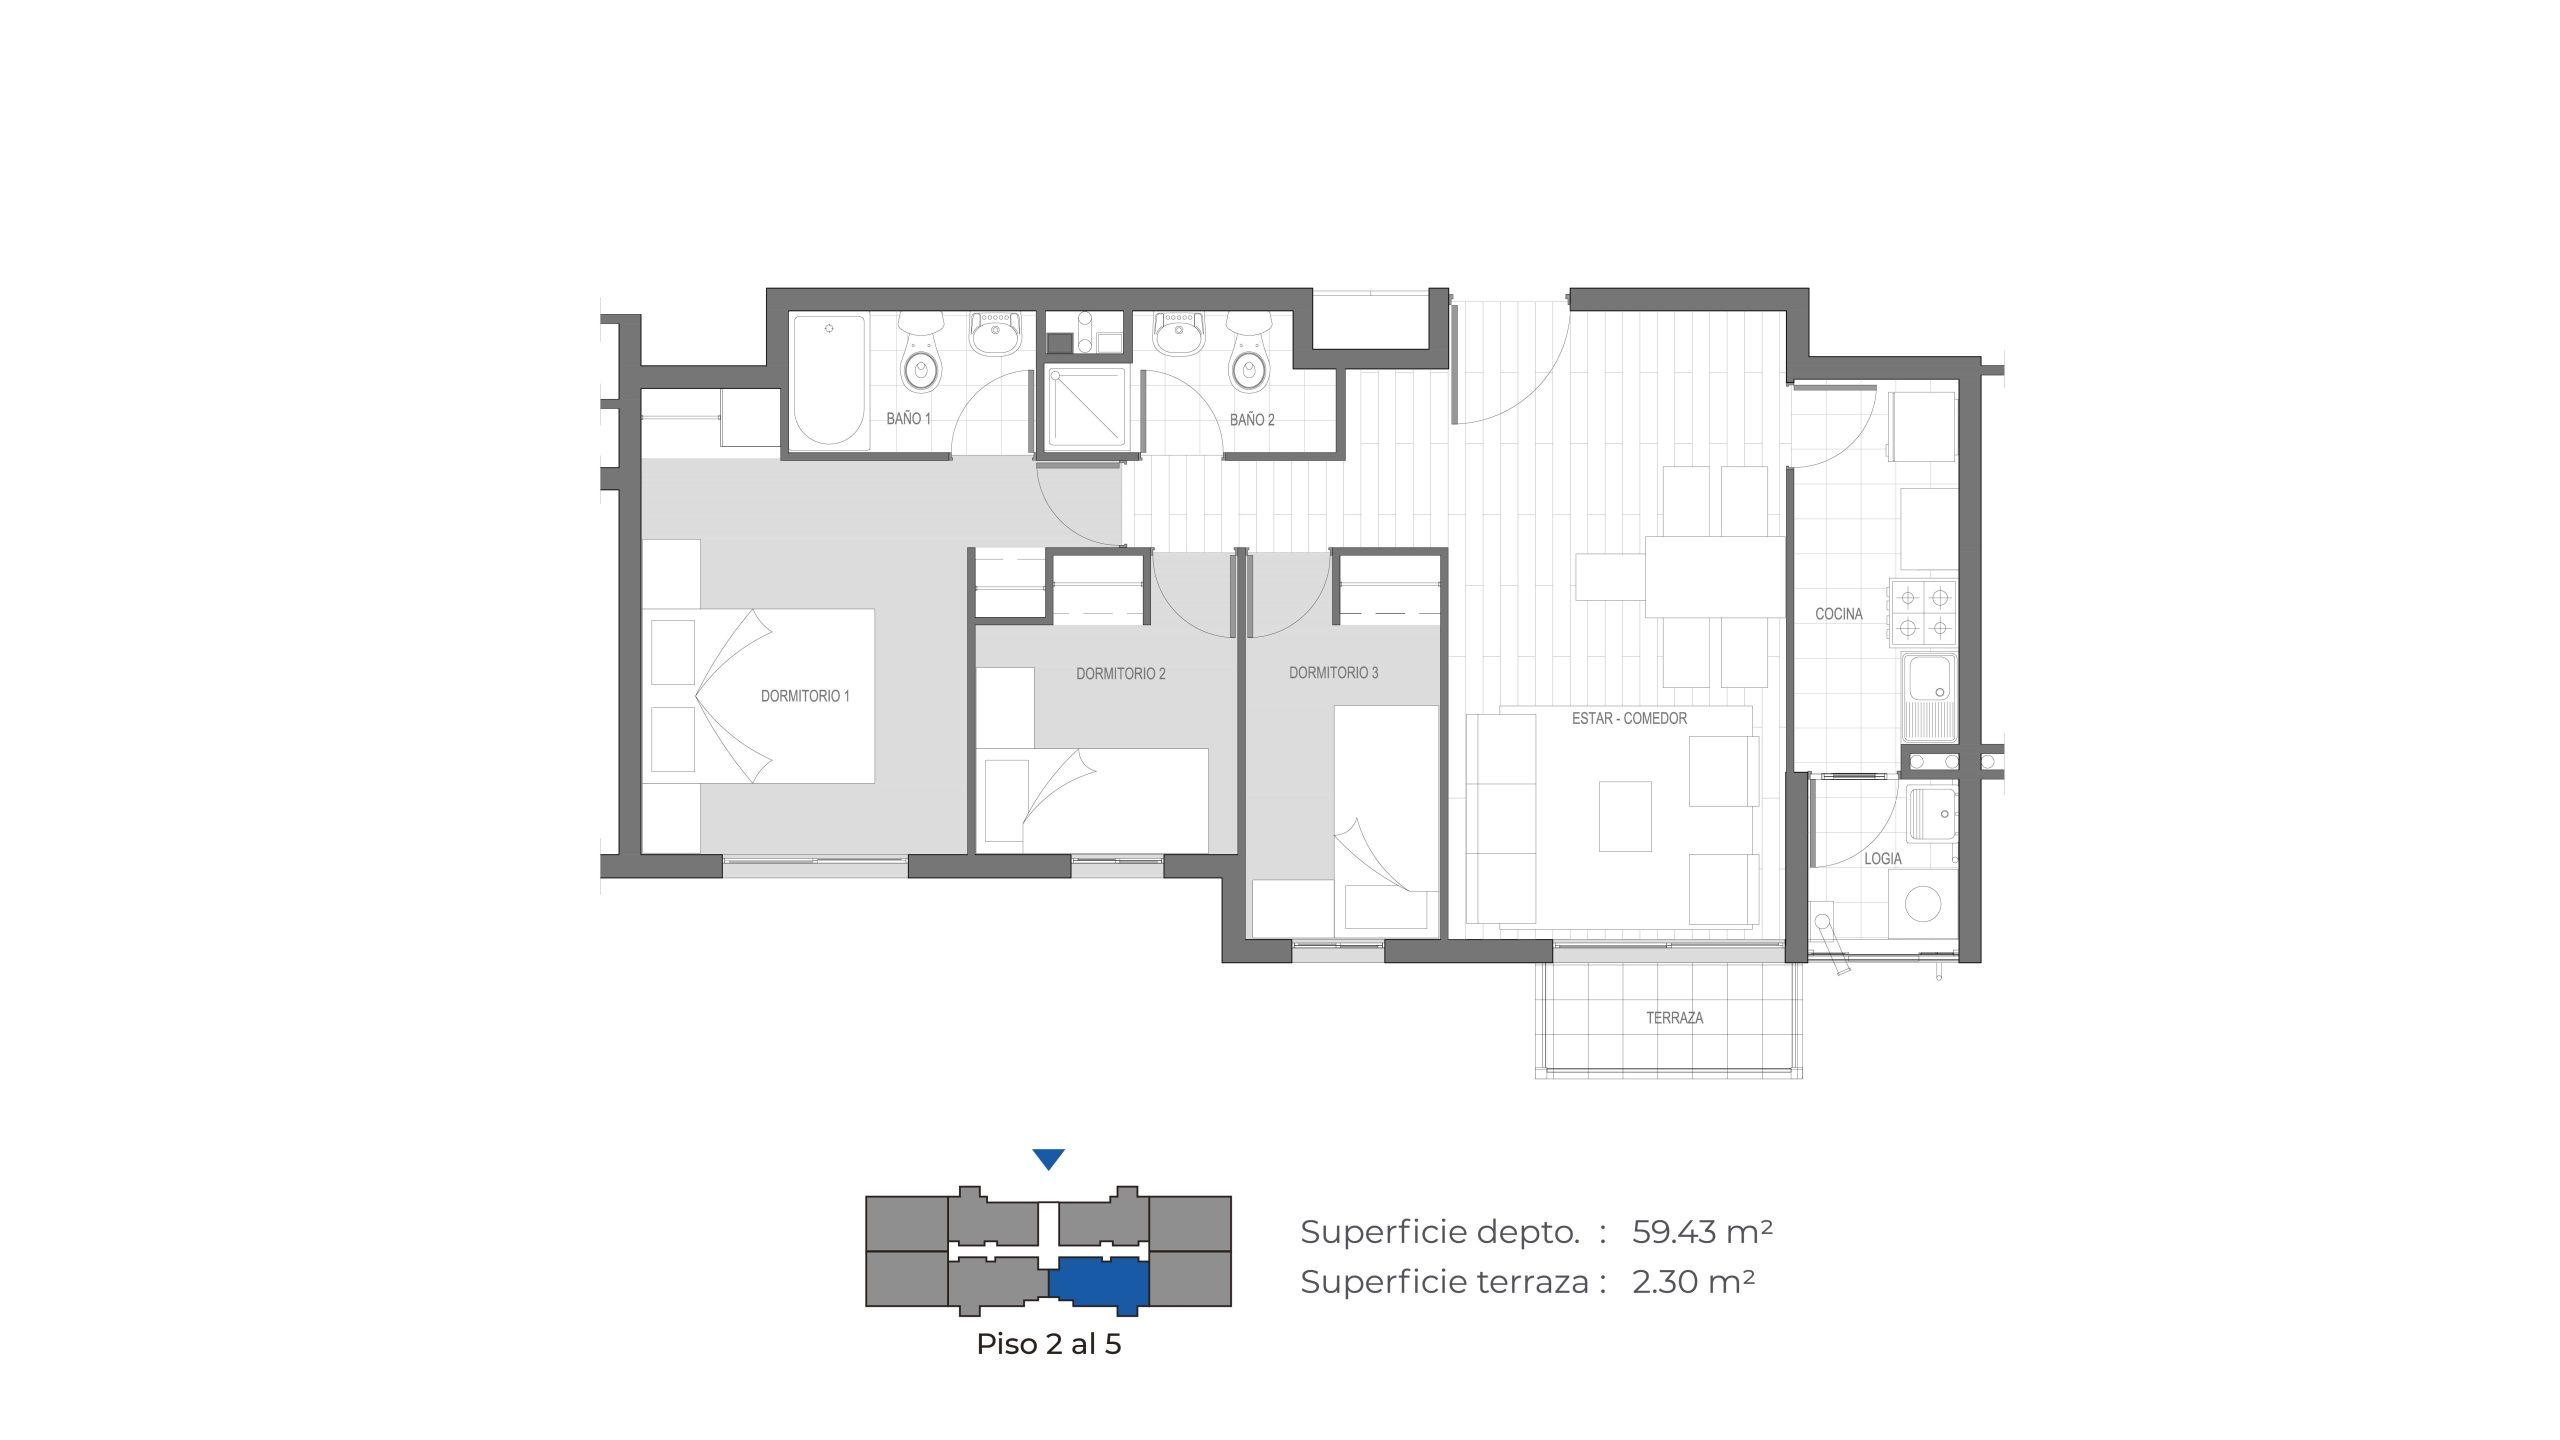 Edificio Mirador de la Floresta III - 61 m2